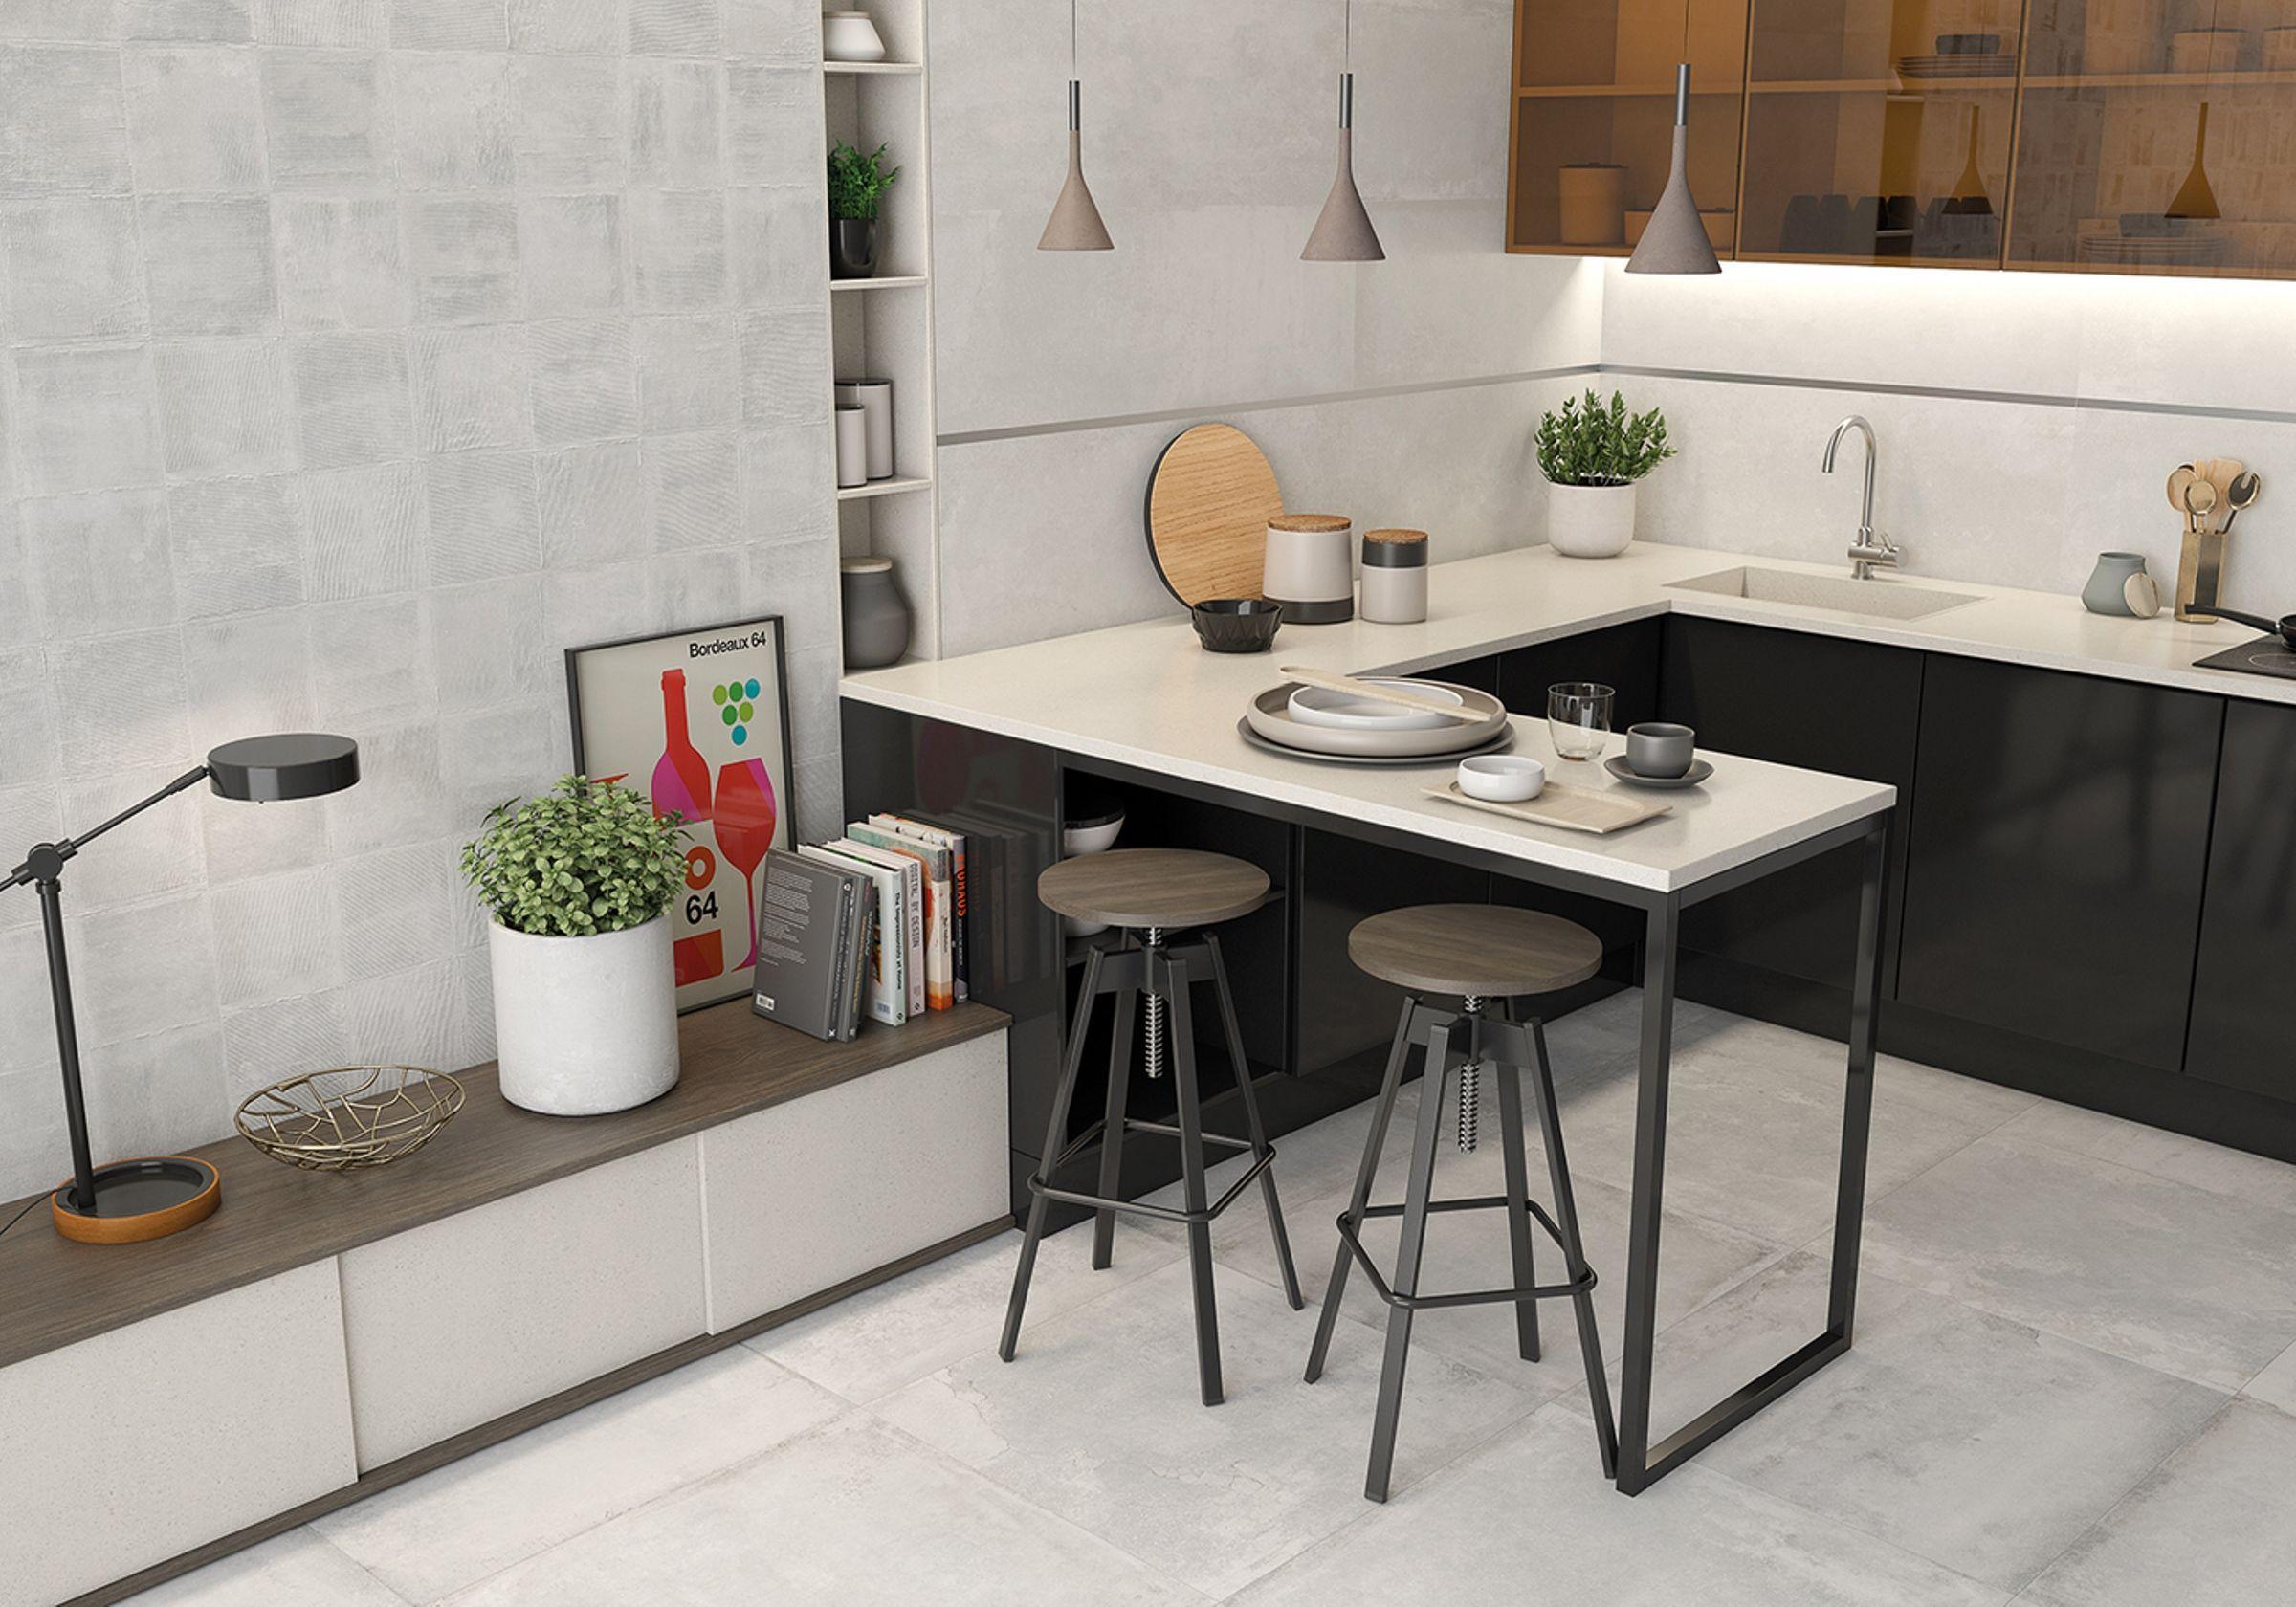 Modern Gehaltene Küche Mit Tecke. #frankeraumwert #neubau #umbau  #mydreamhome #renovieren